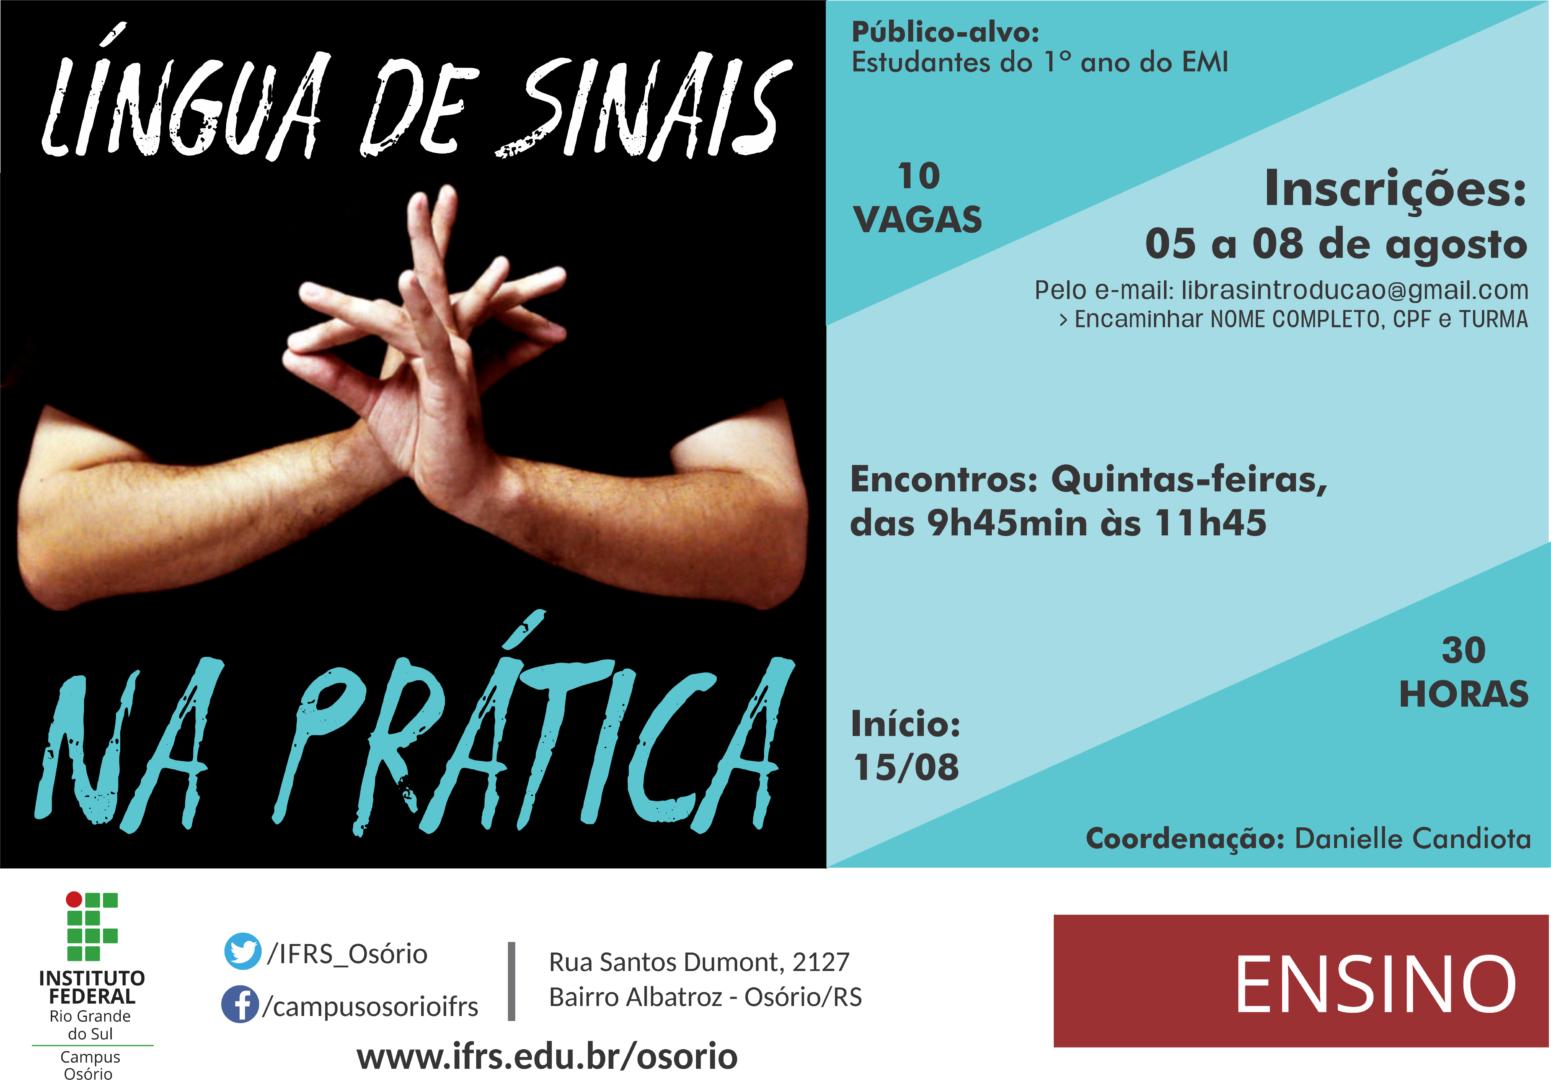 Cartaz de divulgação do curso Lingua de Sinais na prática